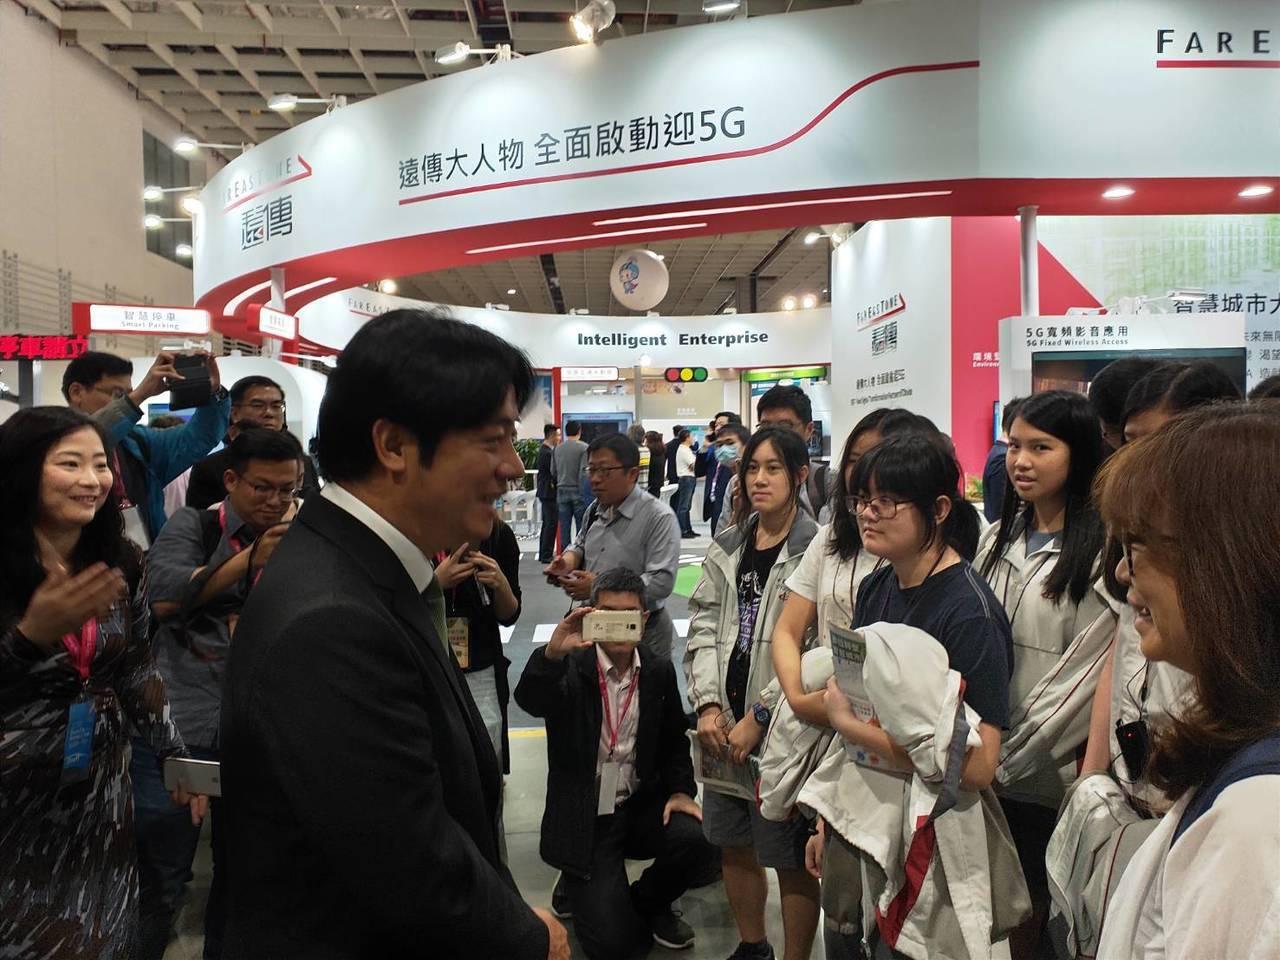 行政院前院長賴清德在智慧城市展和參訪的台北市中崙高中學生聊天。記者徐偉真/攝影